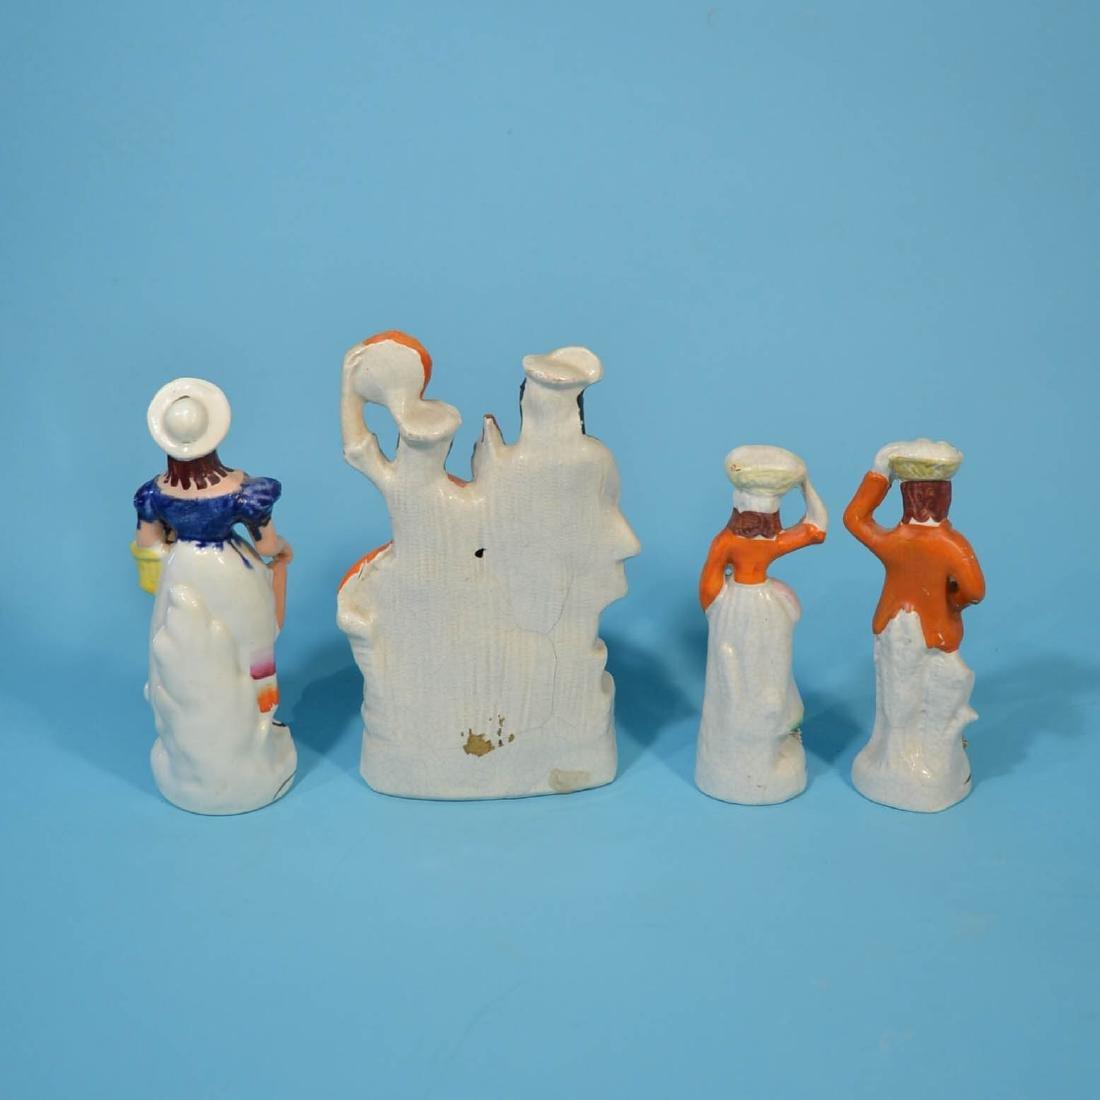 6 Staffordshire Porcelain Figures - 5